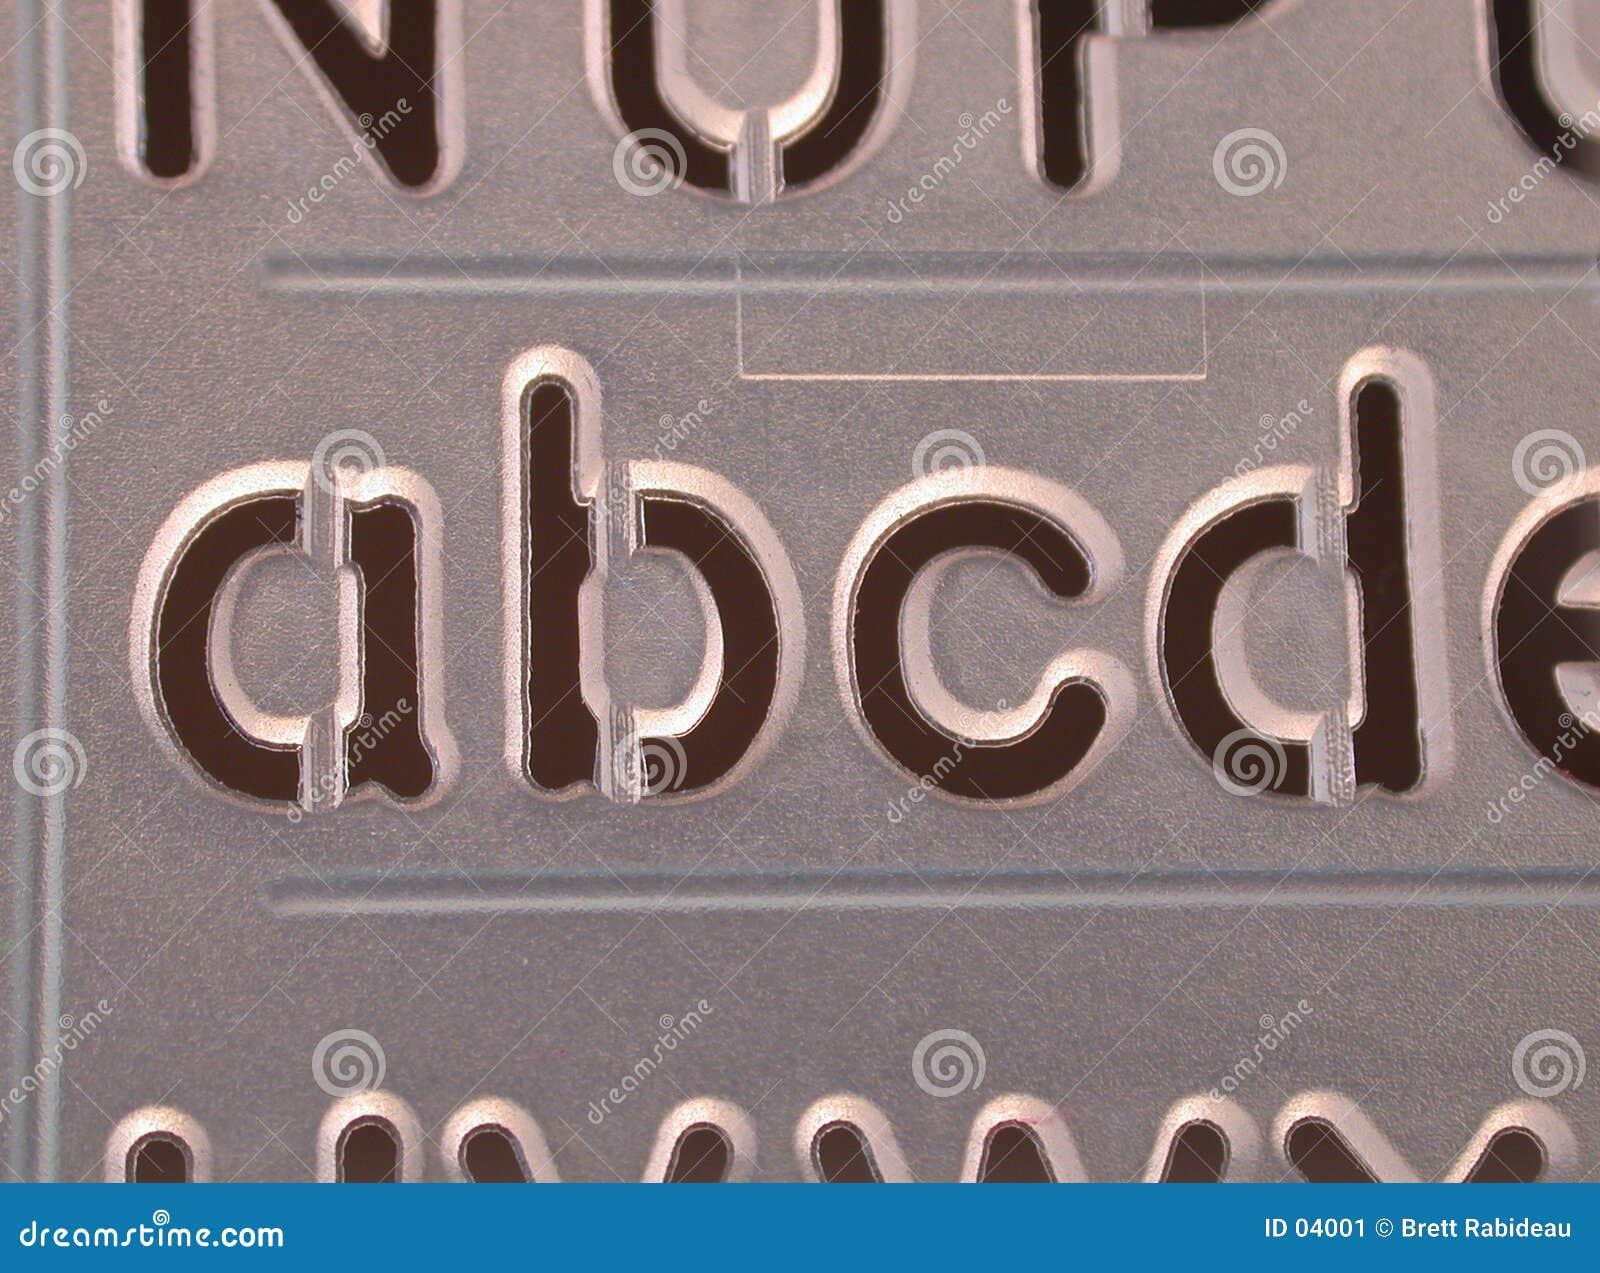 Abcd钢板蜡纸